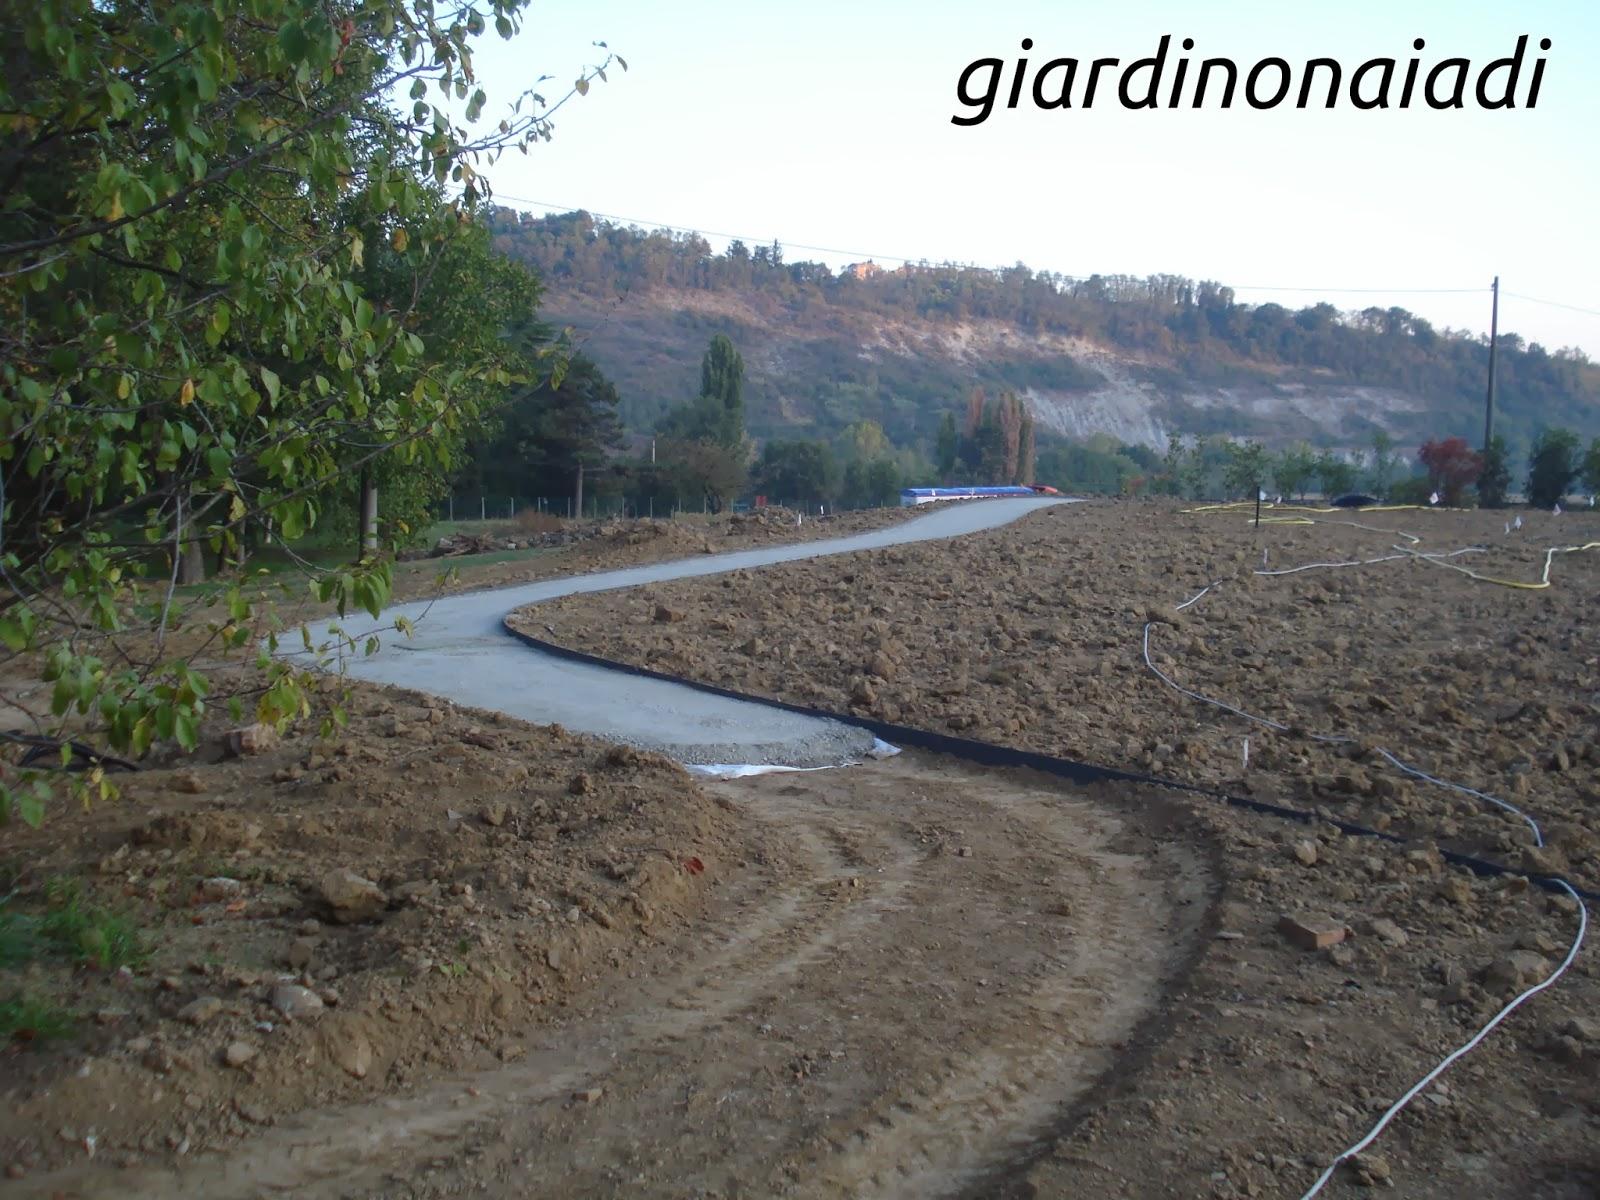 Vialetti in ghiaia wy12 pineglen for Ghiaia da giardino